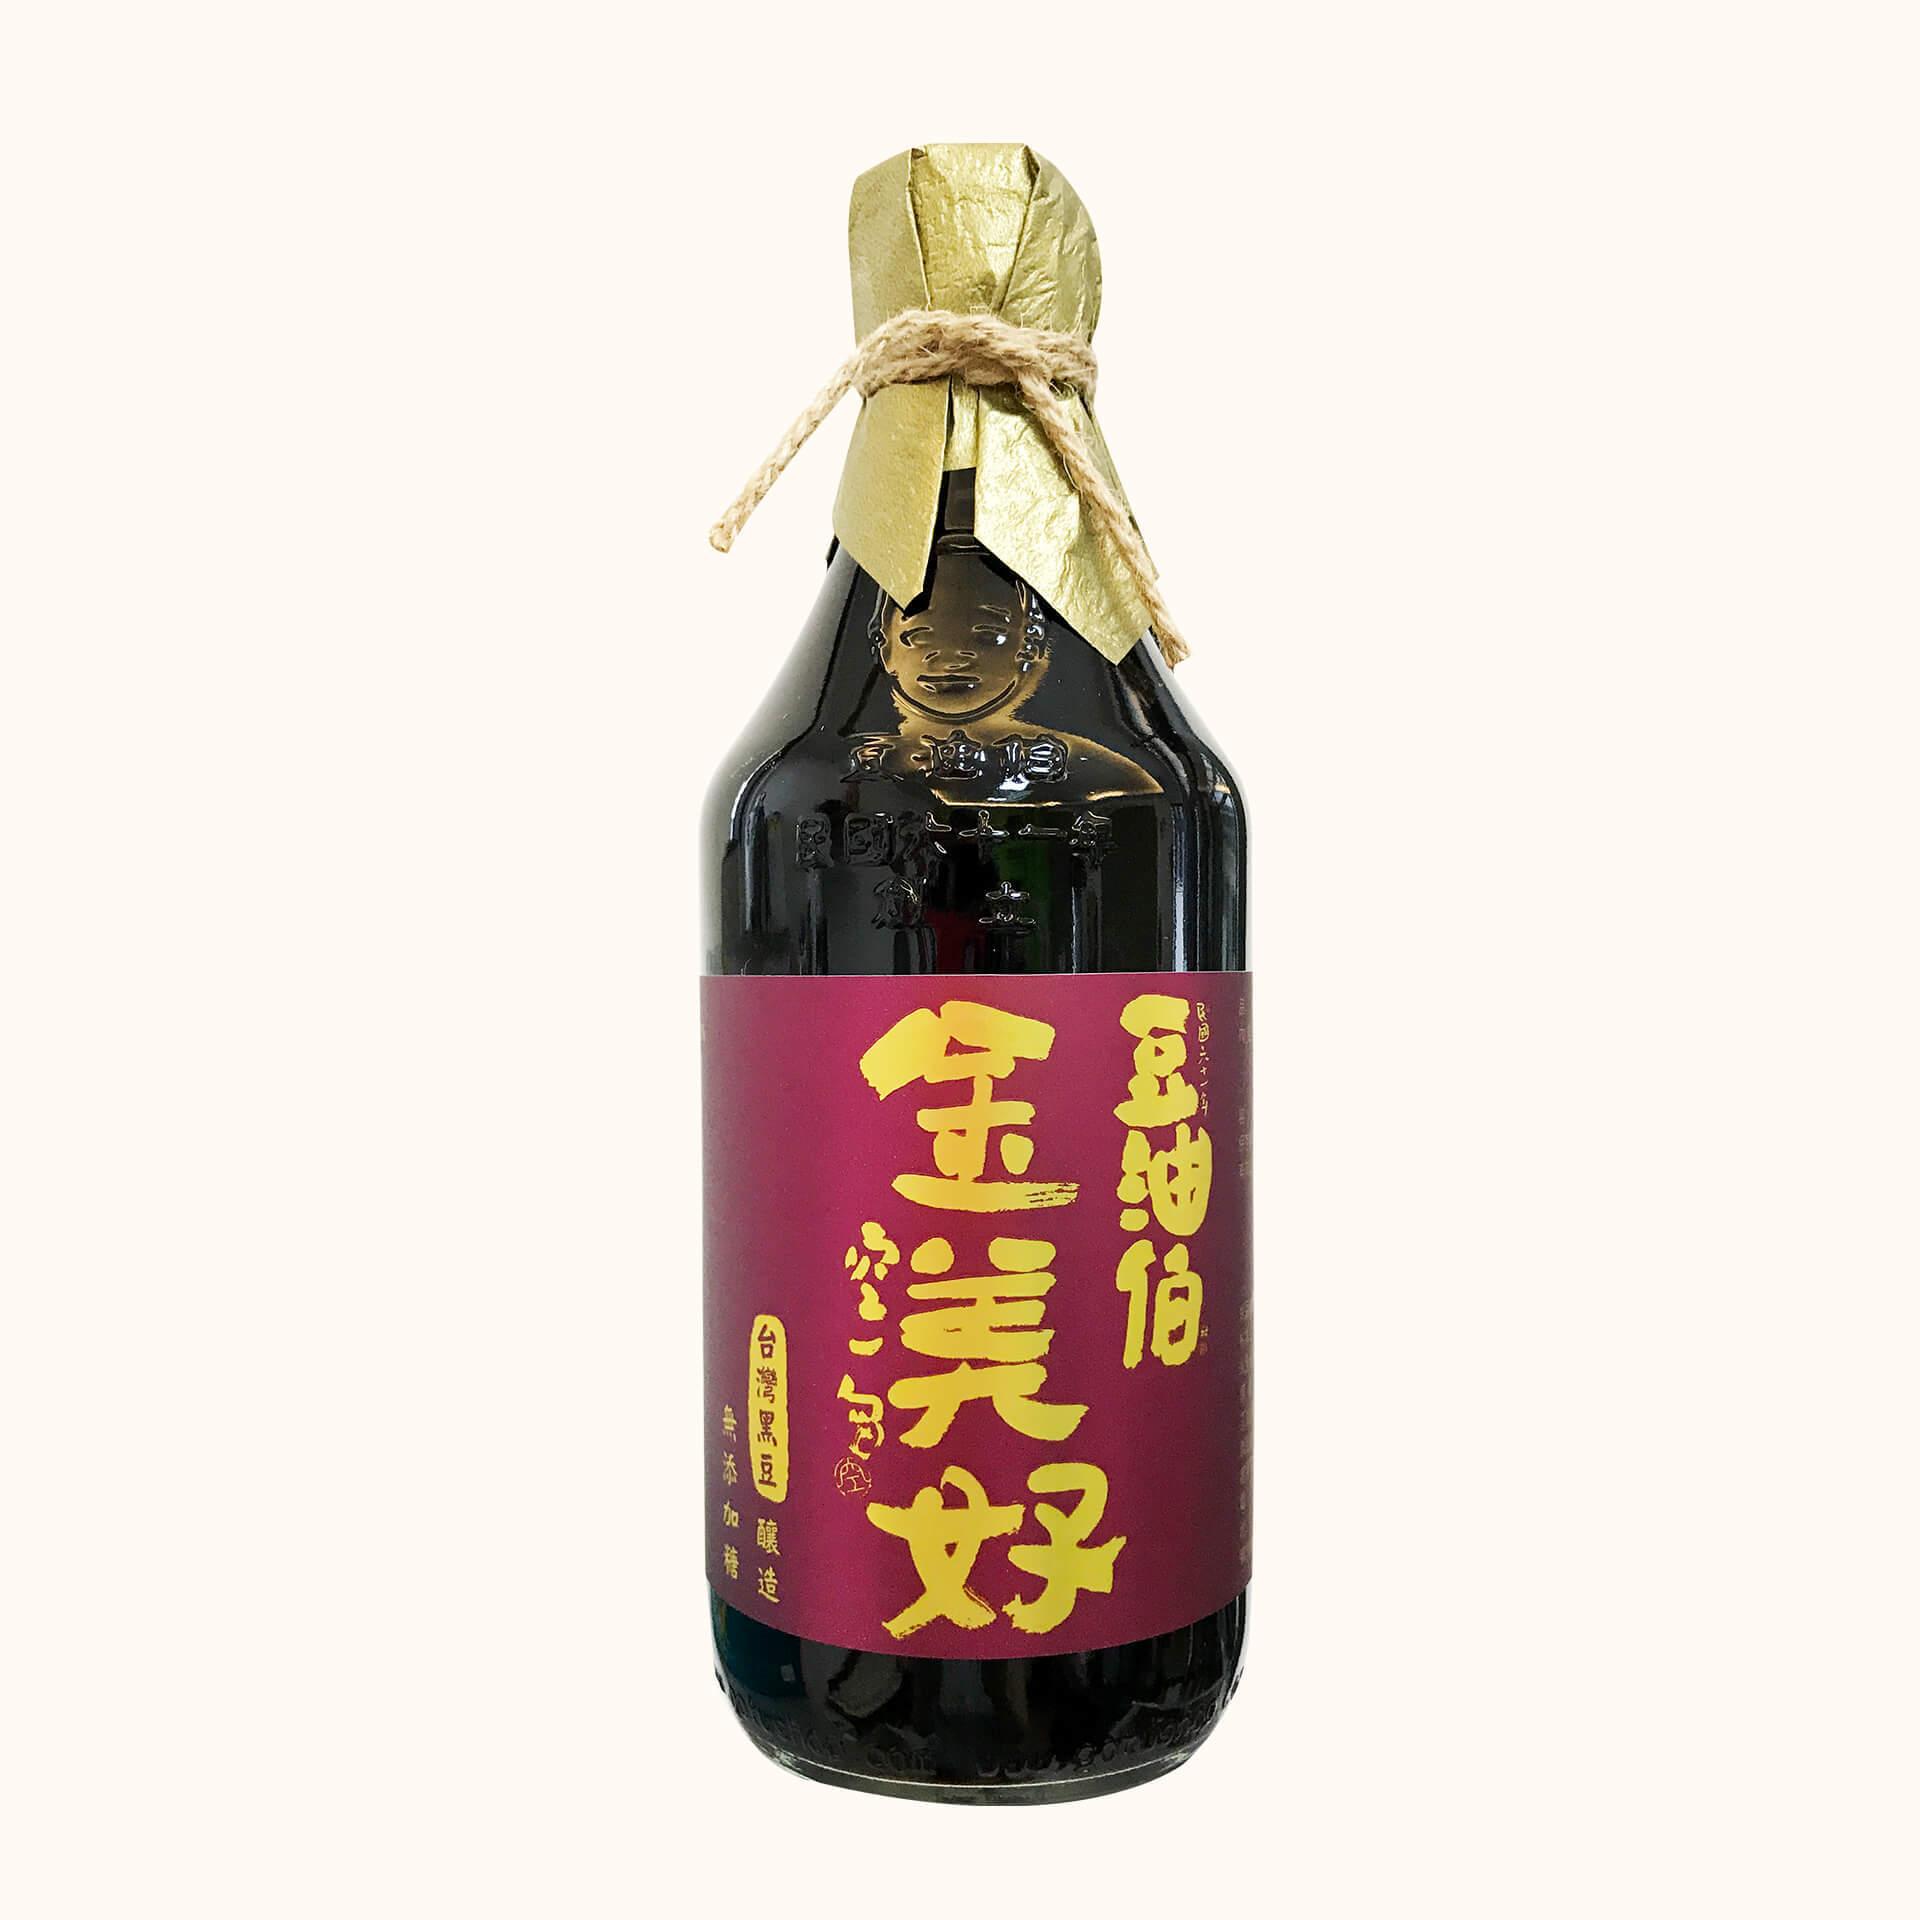 金美滿醬油3入+金美好醬油3入(共6入)送復古袋3入